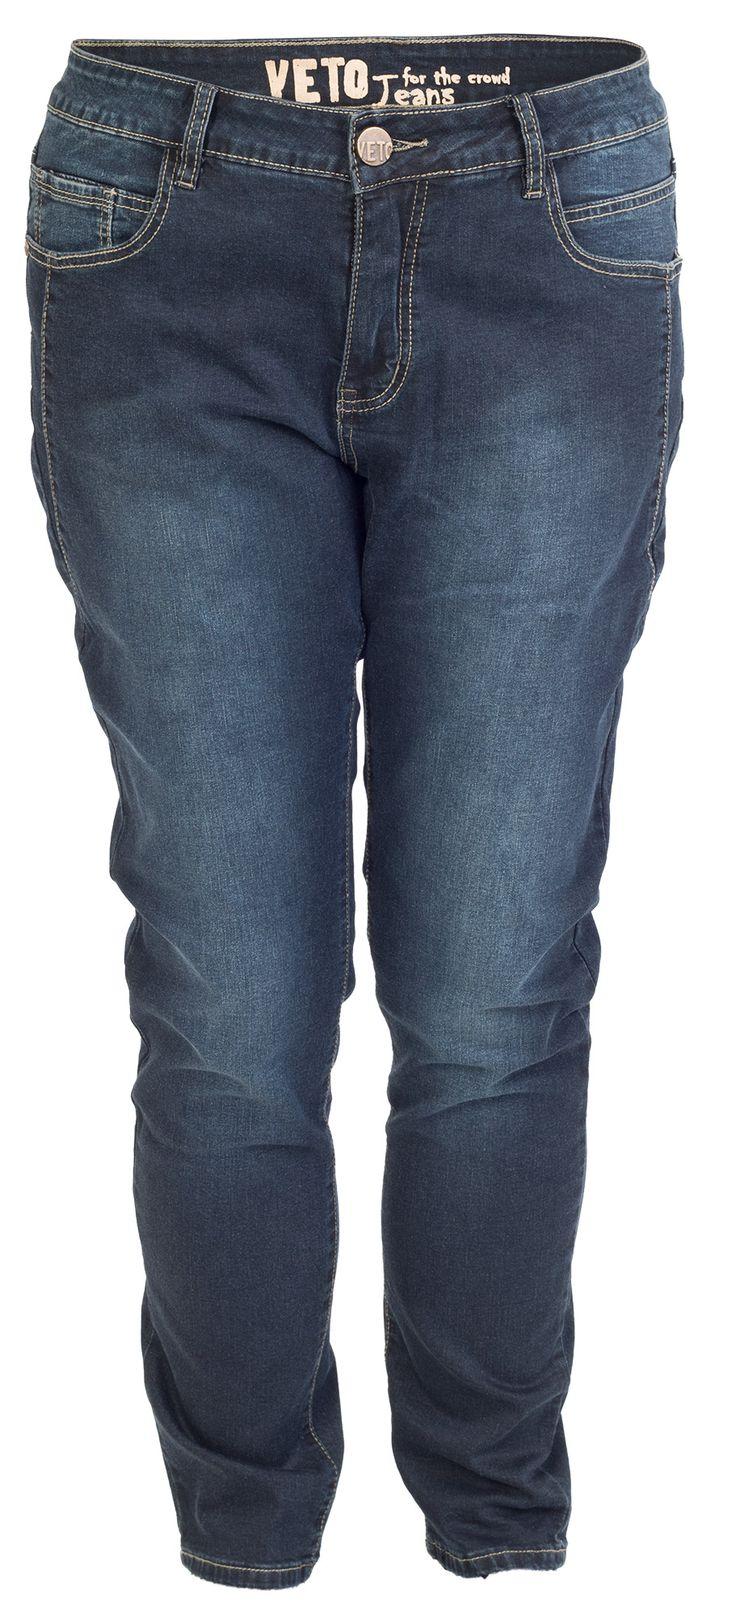 De sejeste Klassiske Mørke Blå Jeans Veto Modetøj til Damer i behageligt materiale